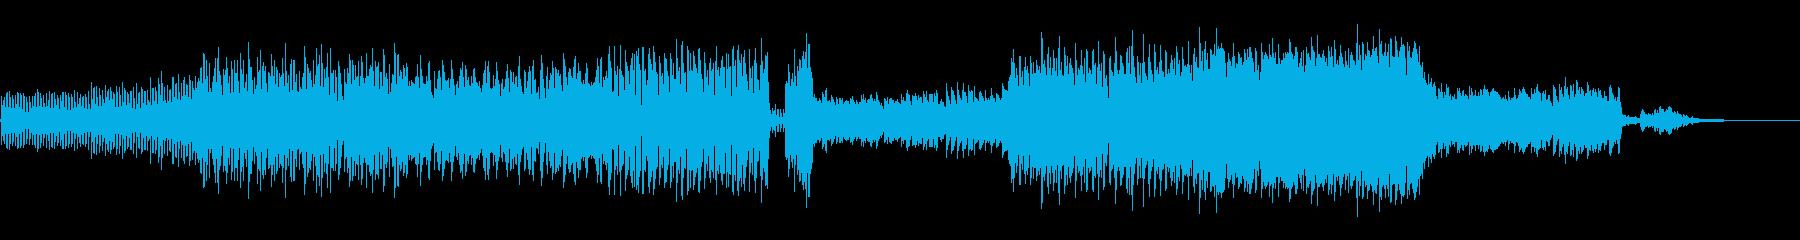 ダイジェスト映像に最適なBGMの再生済みの波形